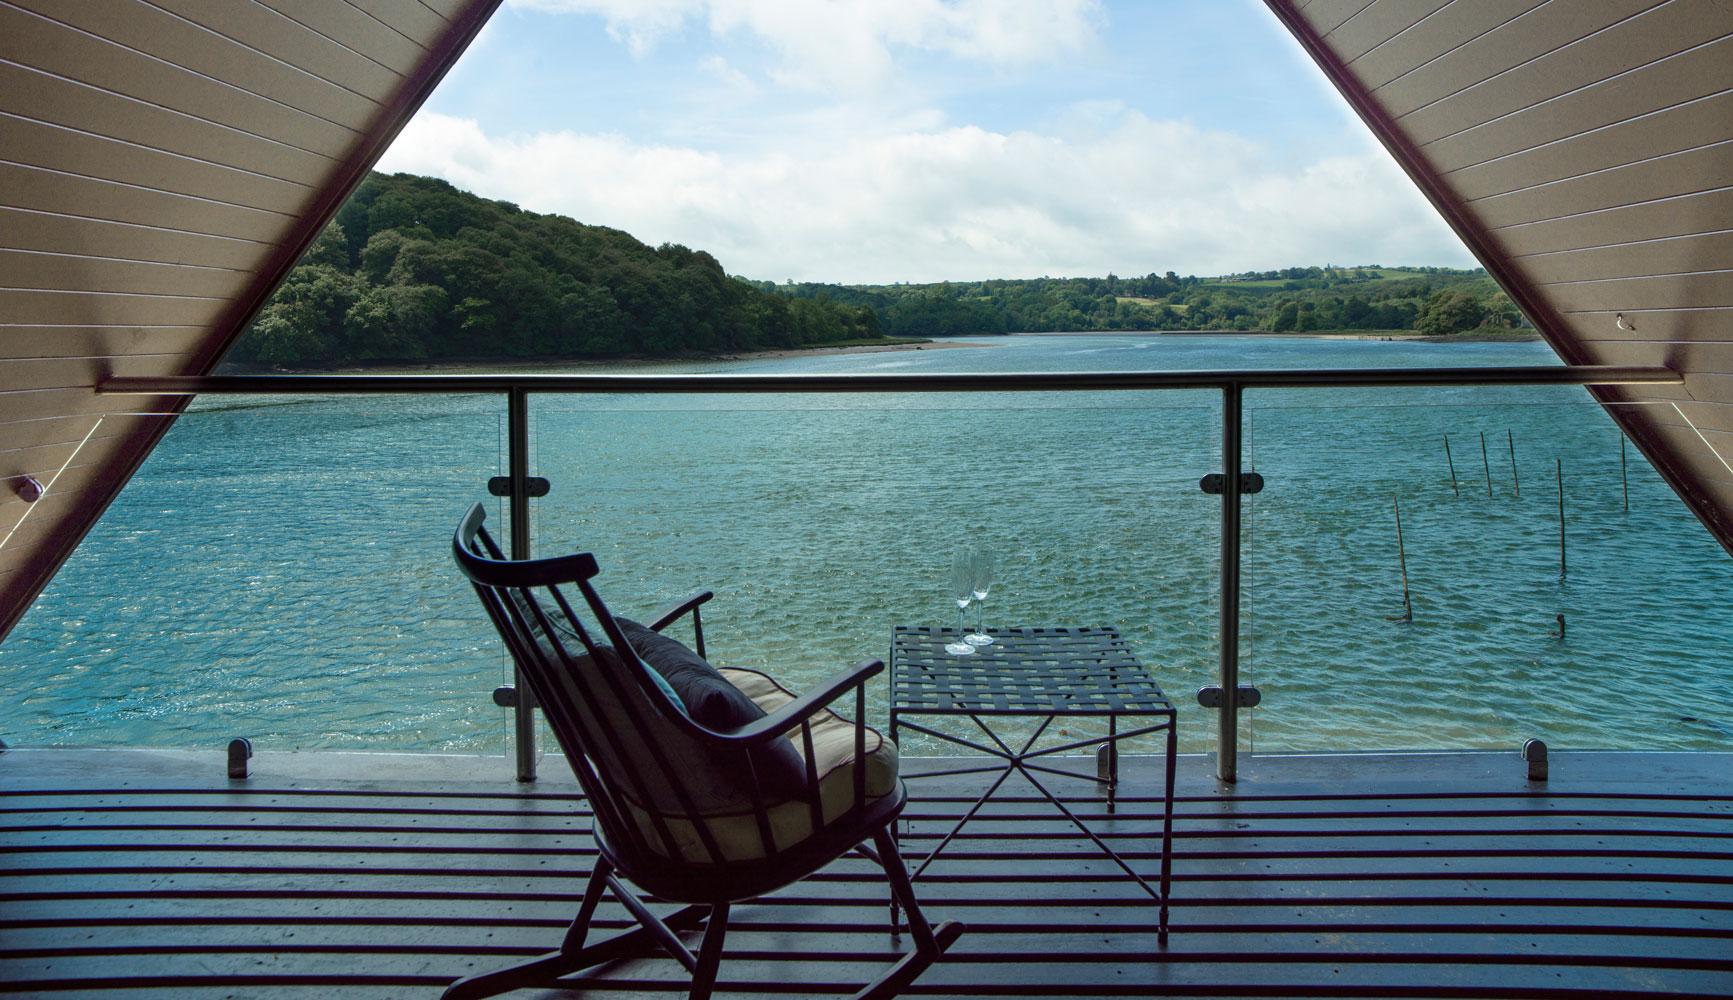 new boat house luxury accommodation ireland